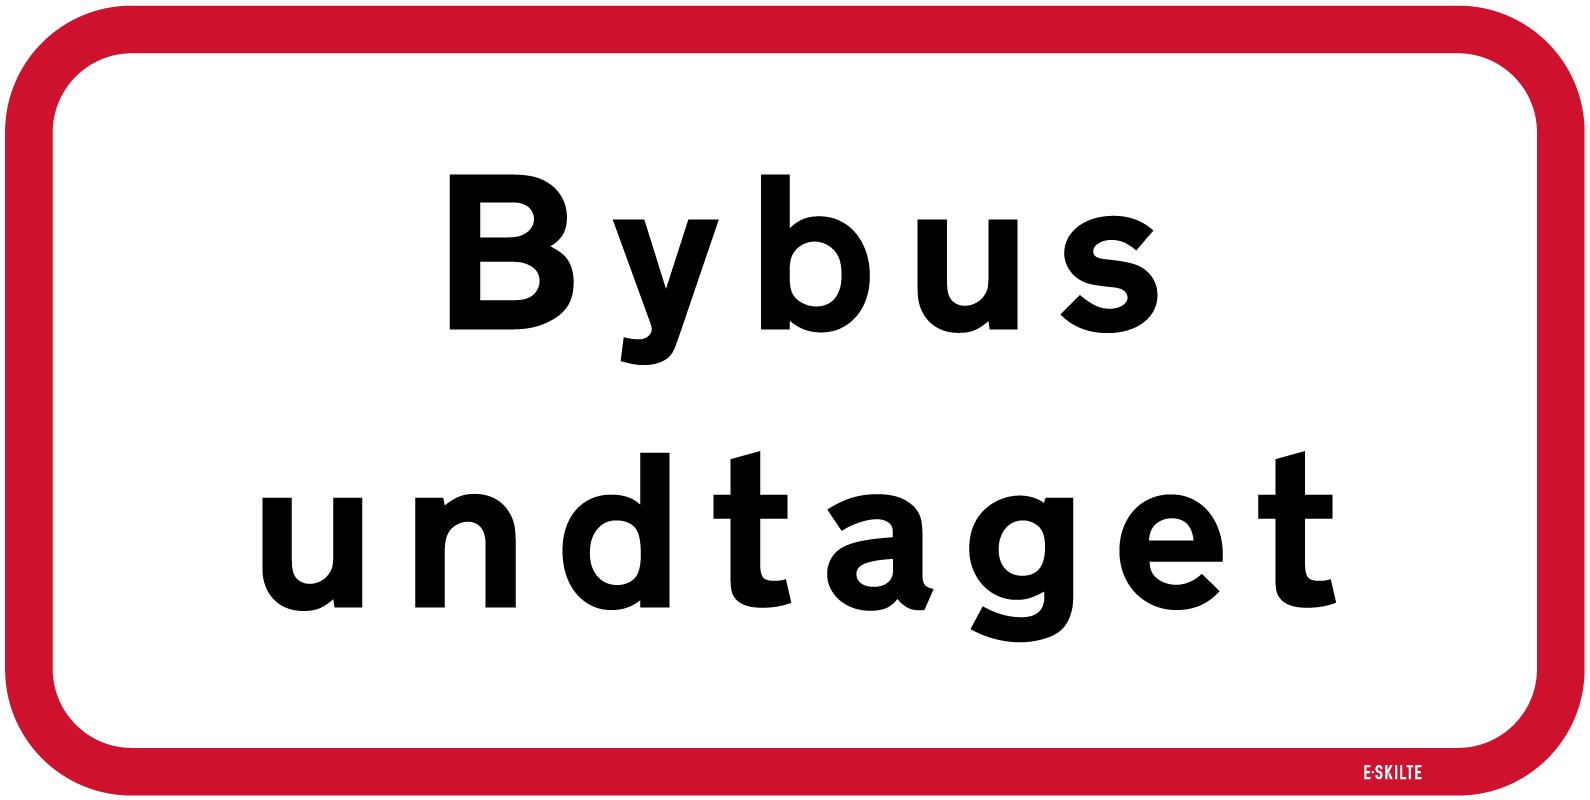 Bybus undtaget skilt